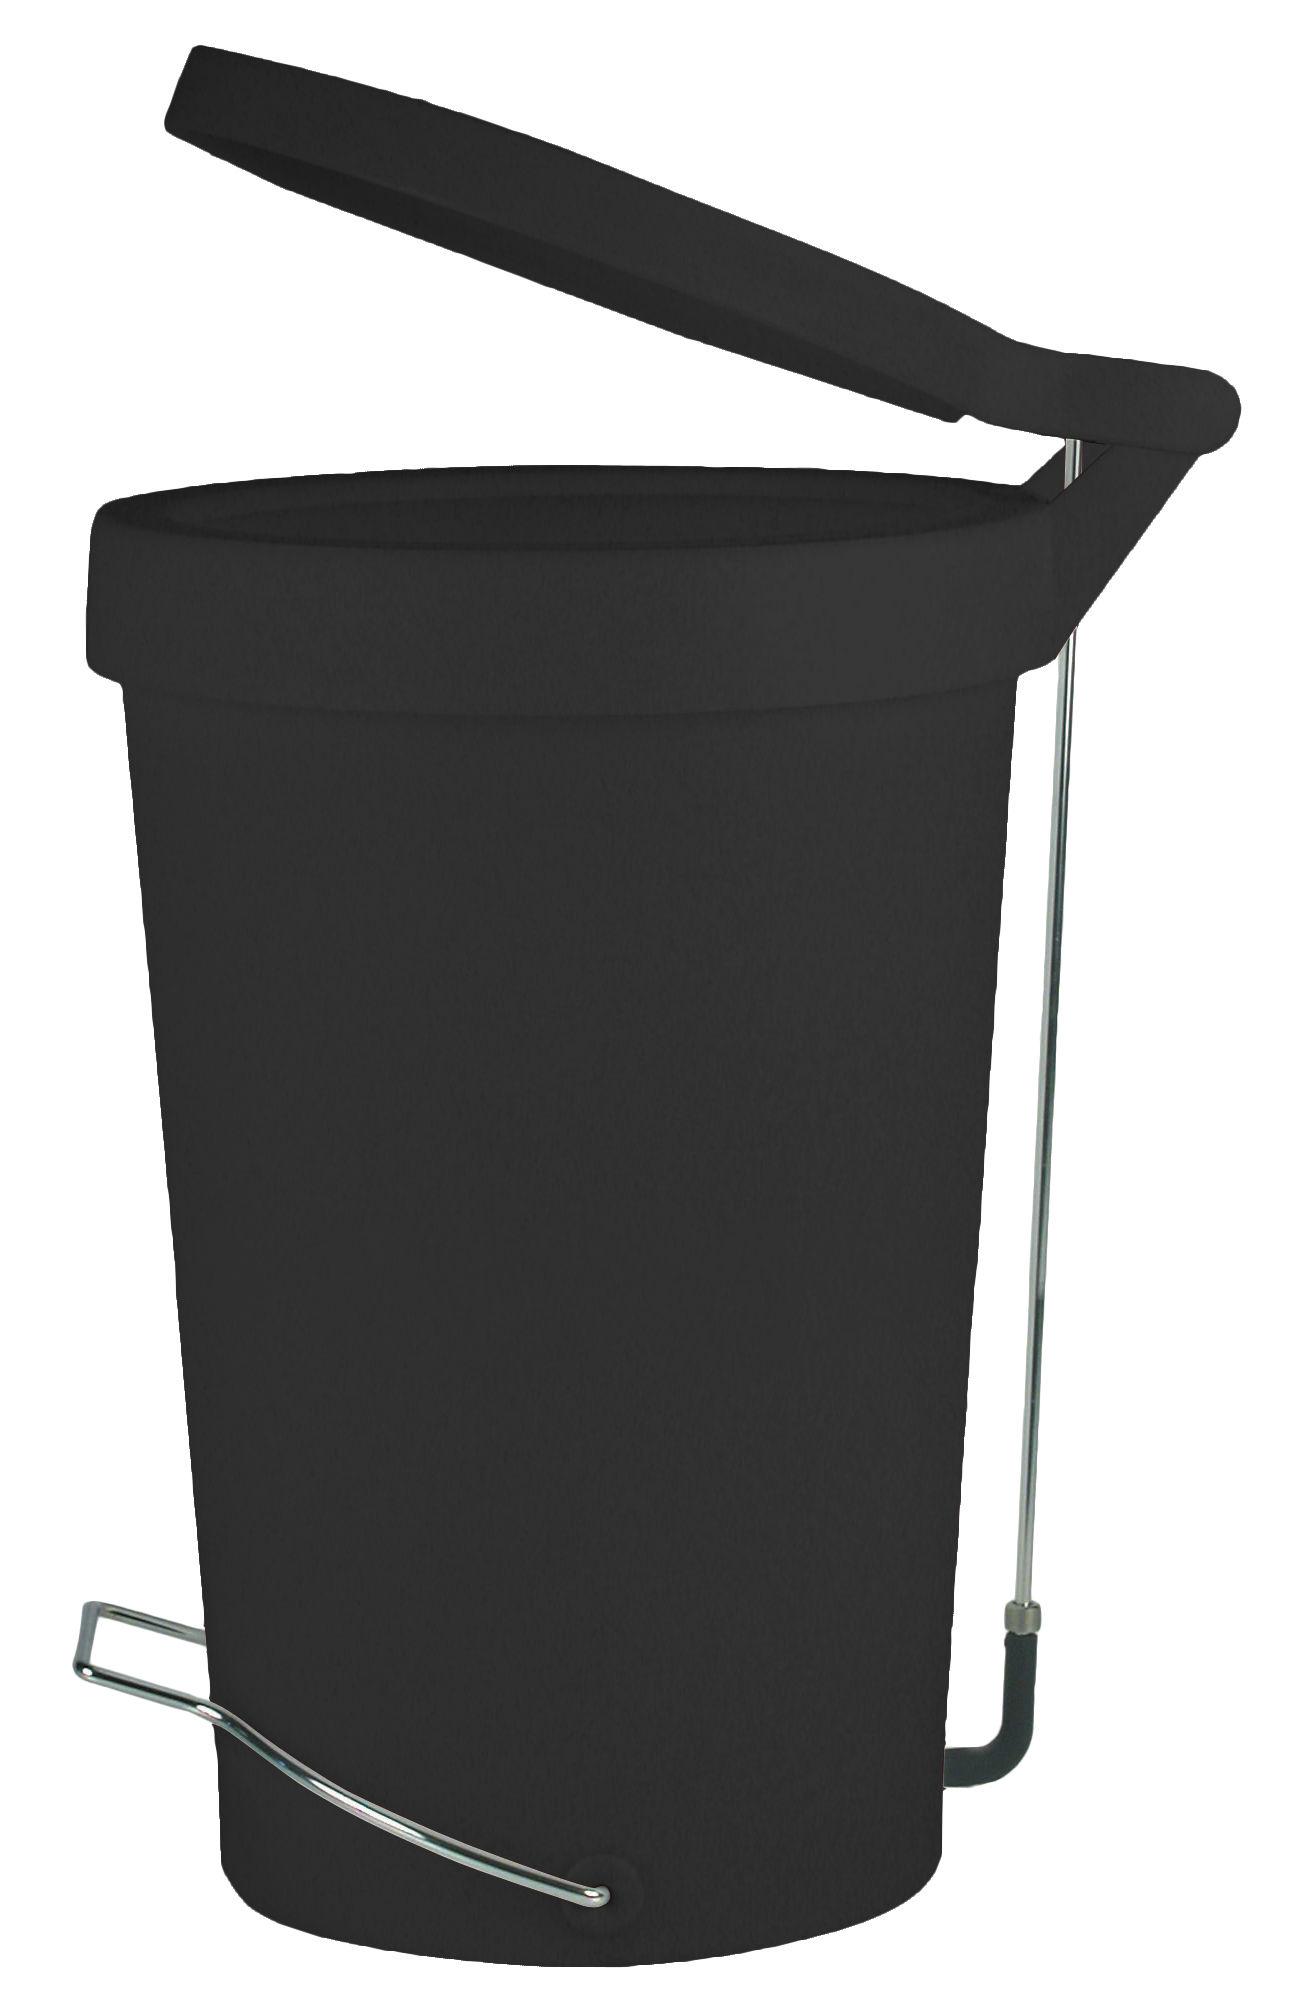 Cucina - Cestini - Pattumiera a pedale Tip - 30 litri - A pedale di Authentics - Nero - Gomma, metallo laccato, Polipropilene